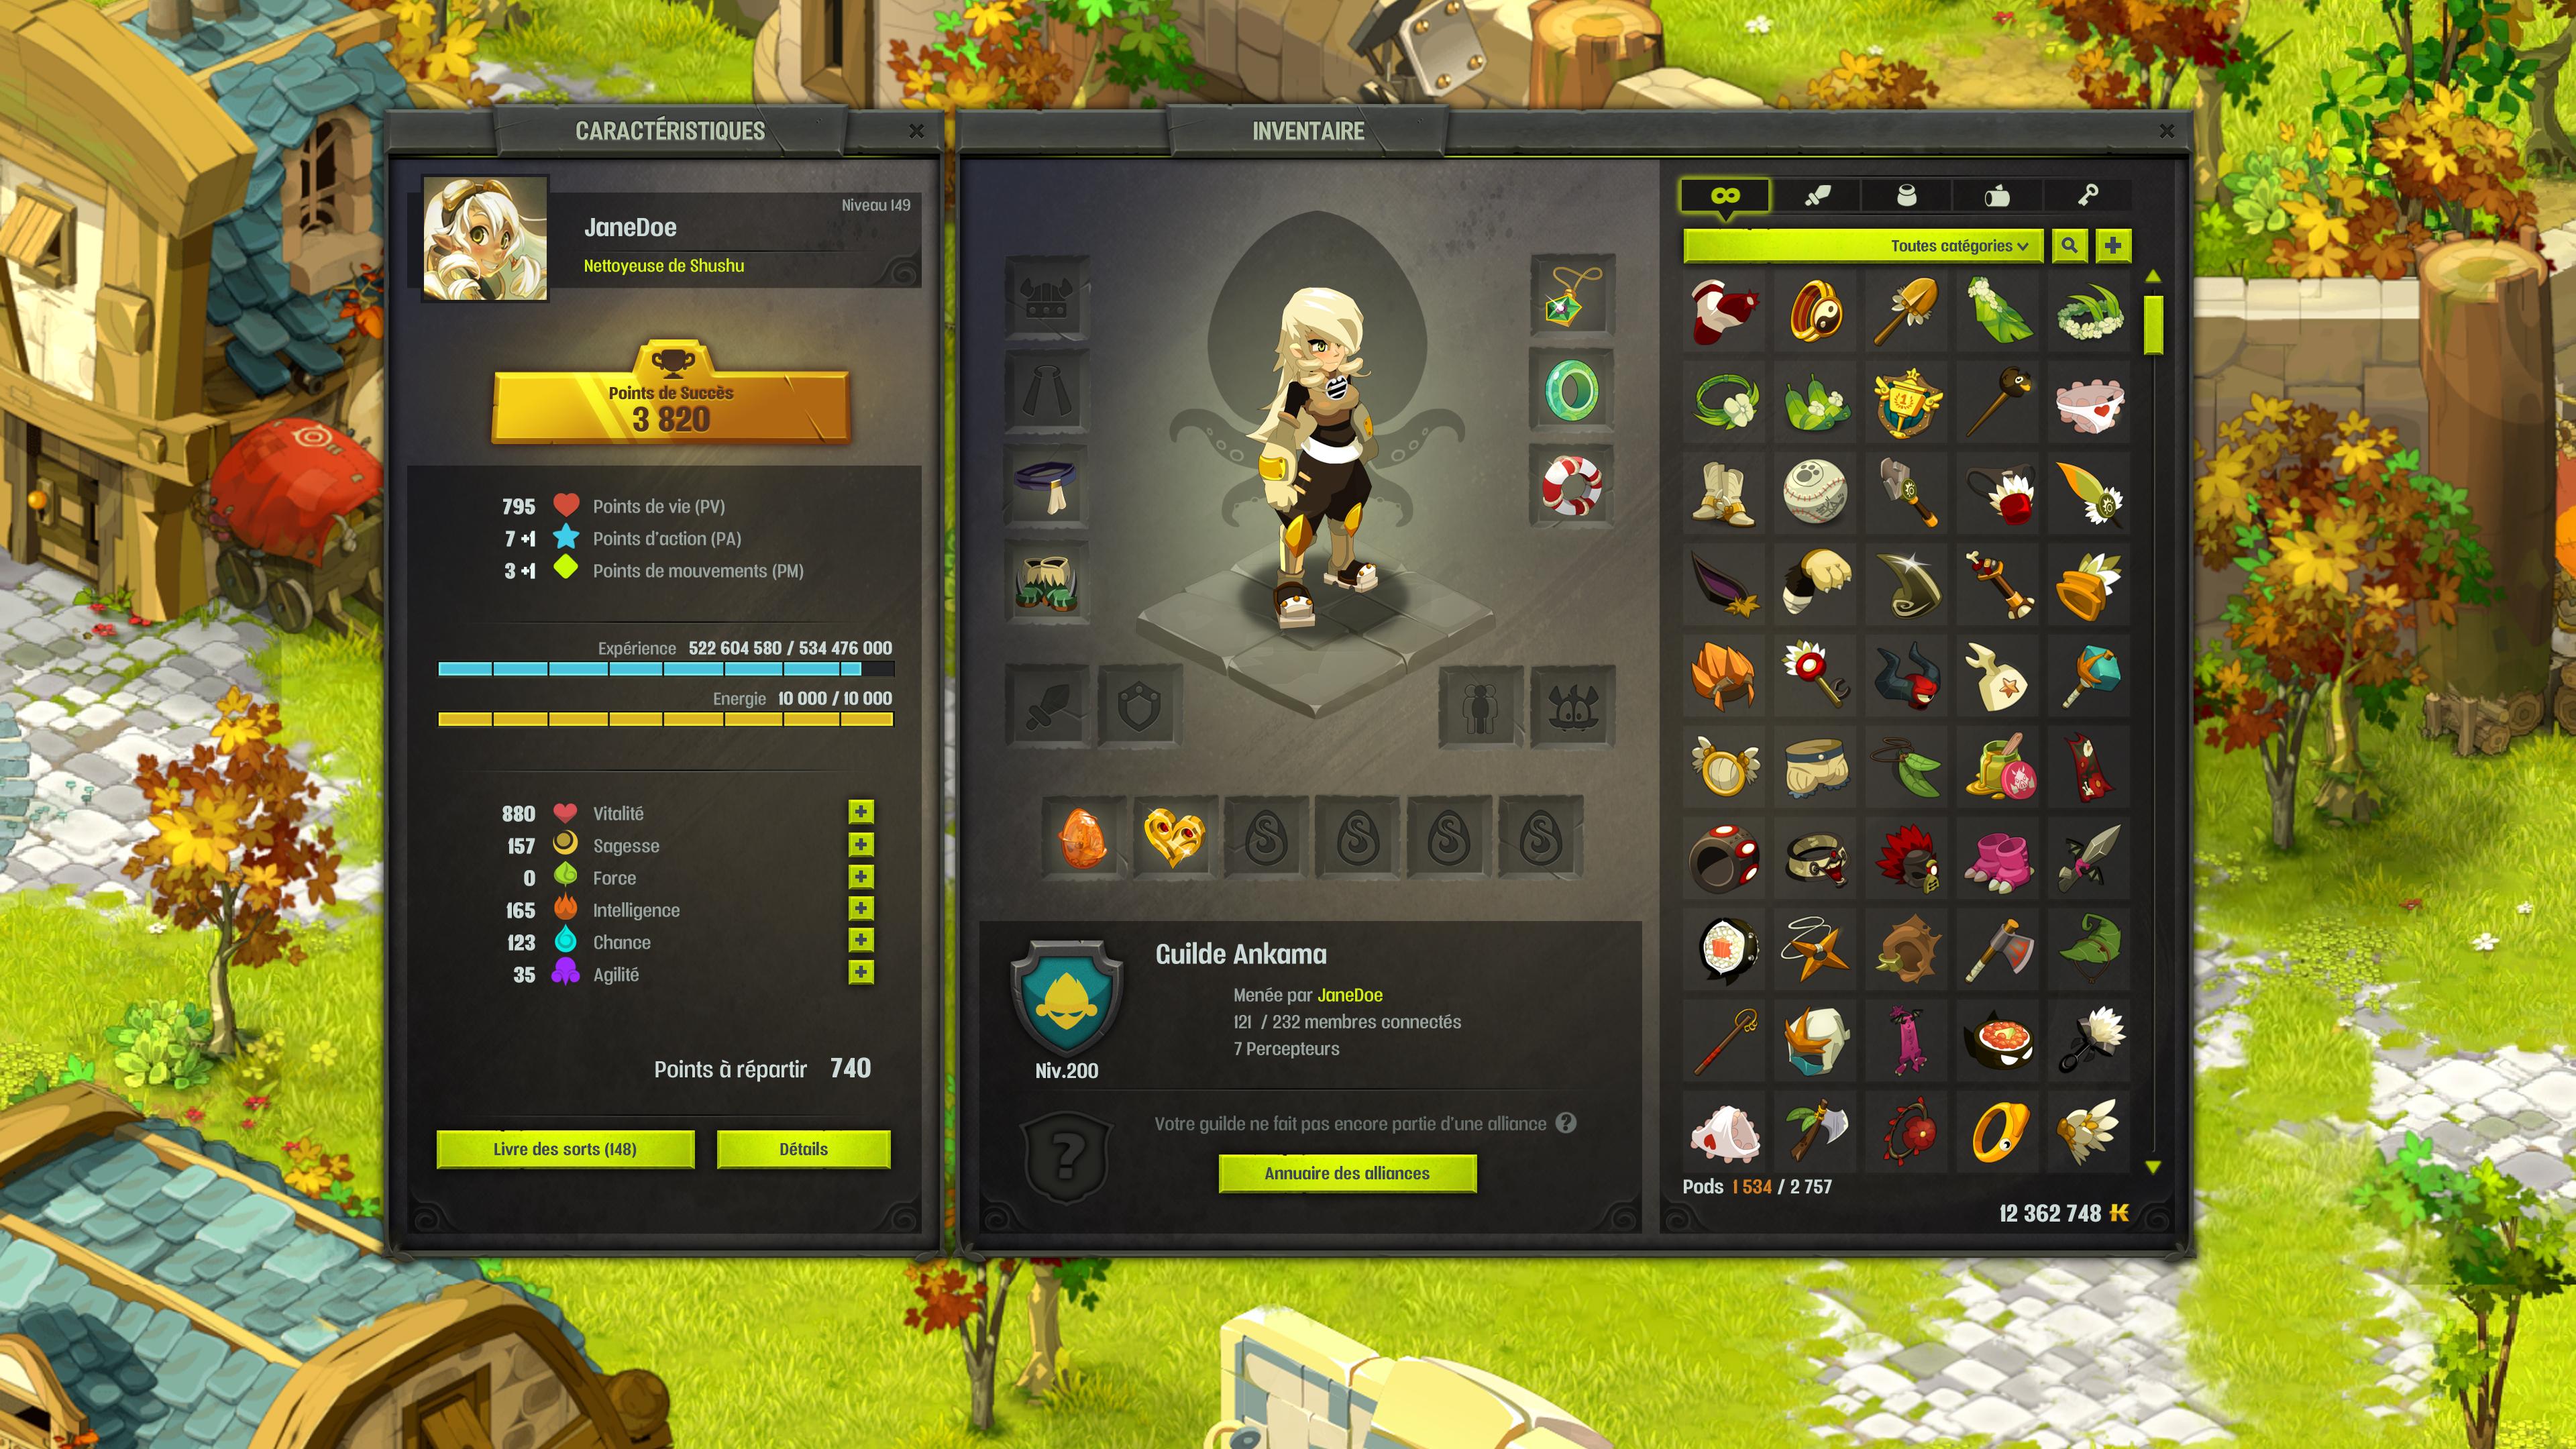 Dragon Skin Girl Wallpaper Dofus Interfaces Overhaul Forum Dofus The Strategic